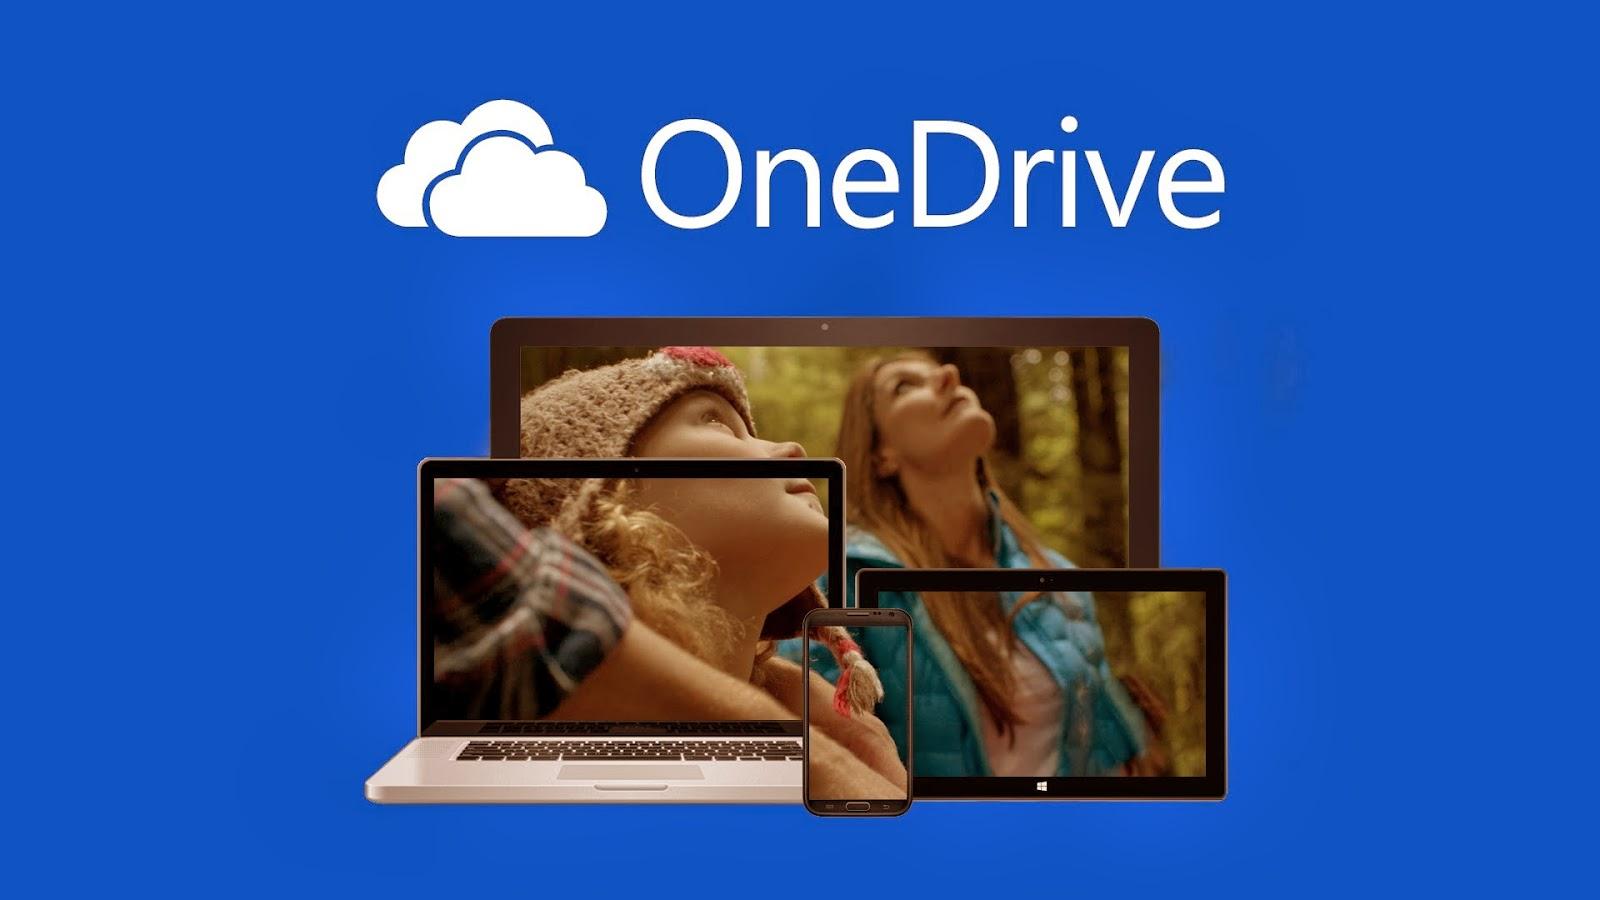 OneDrive en a définitivement fini avec ses espaces de stockage généreux